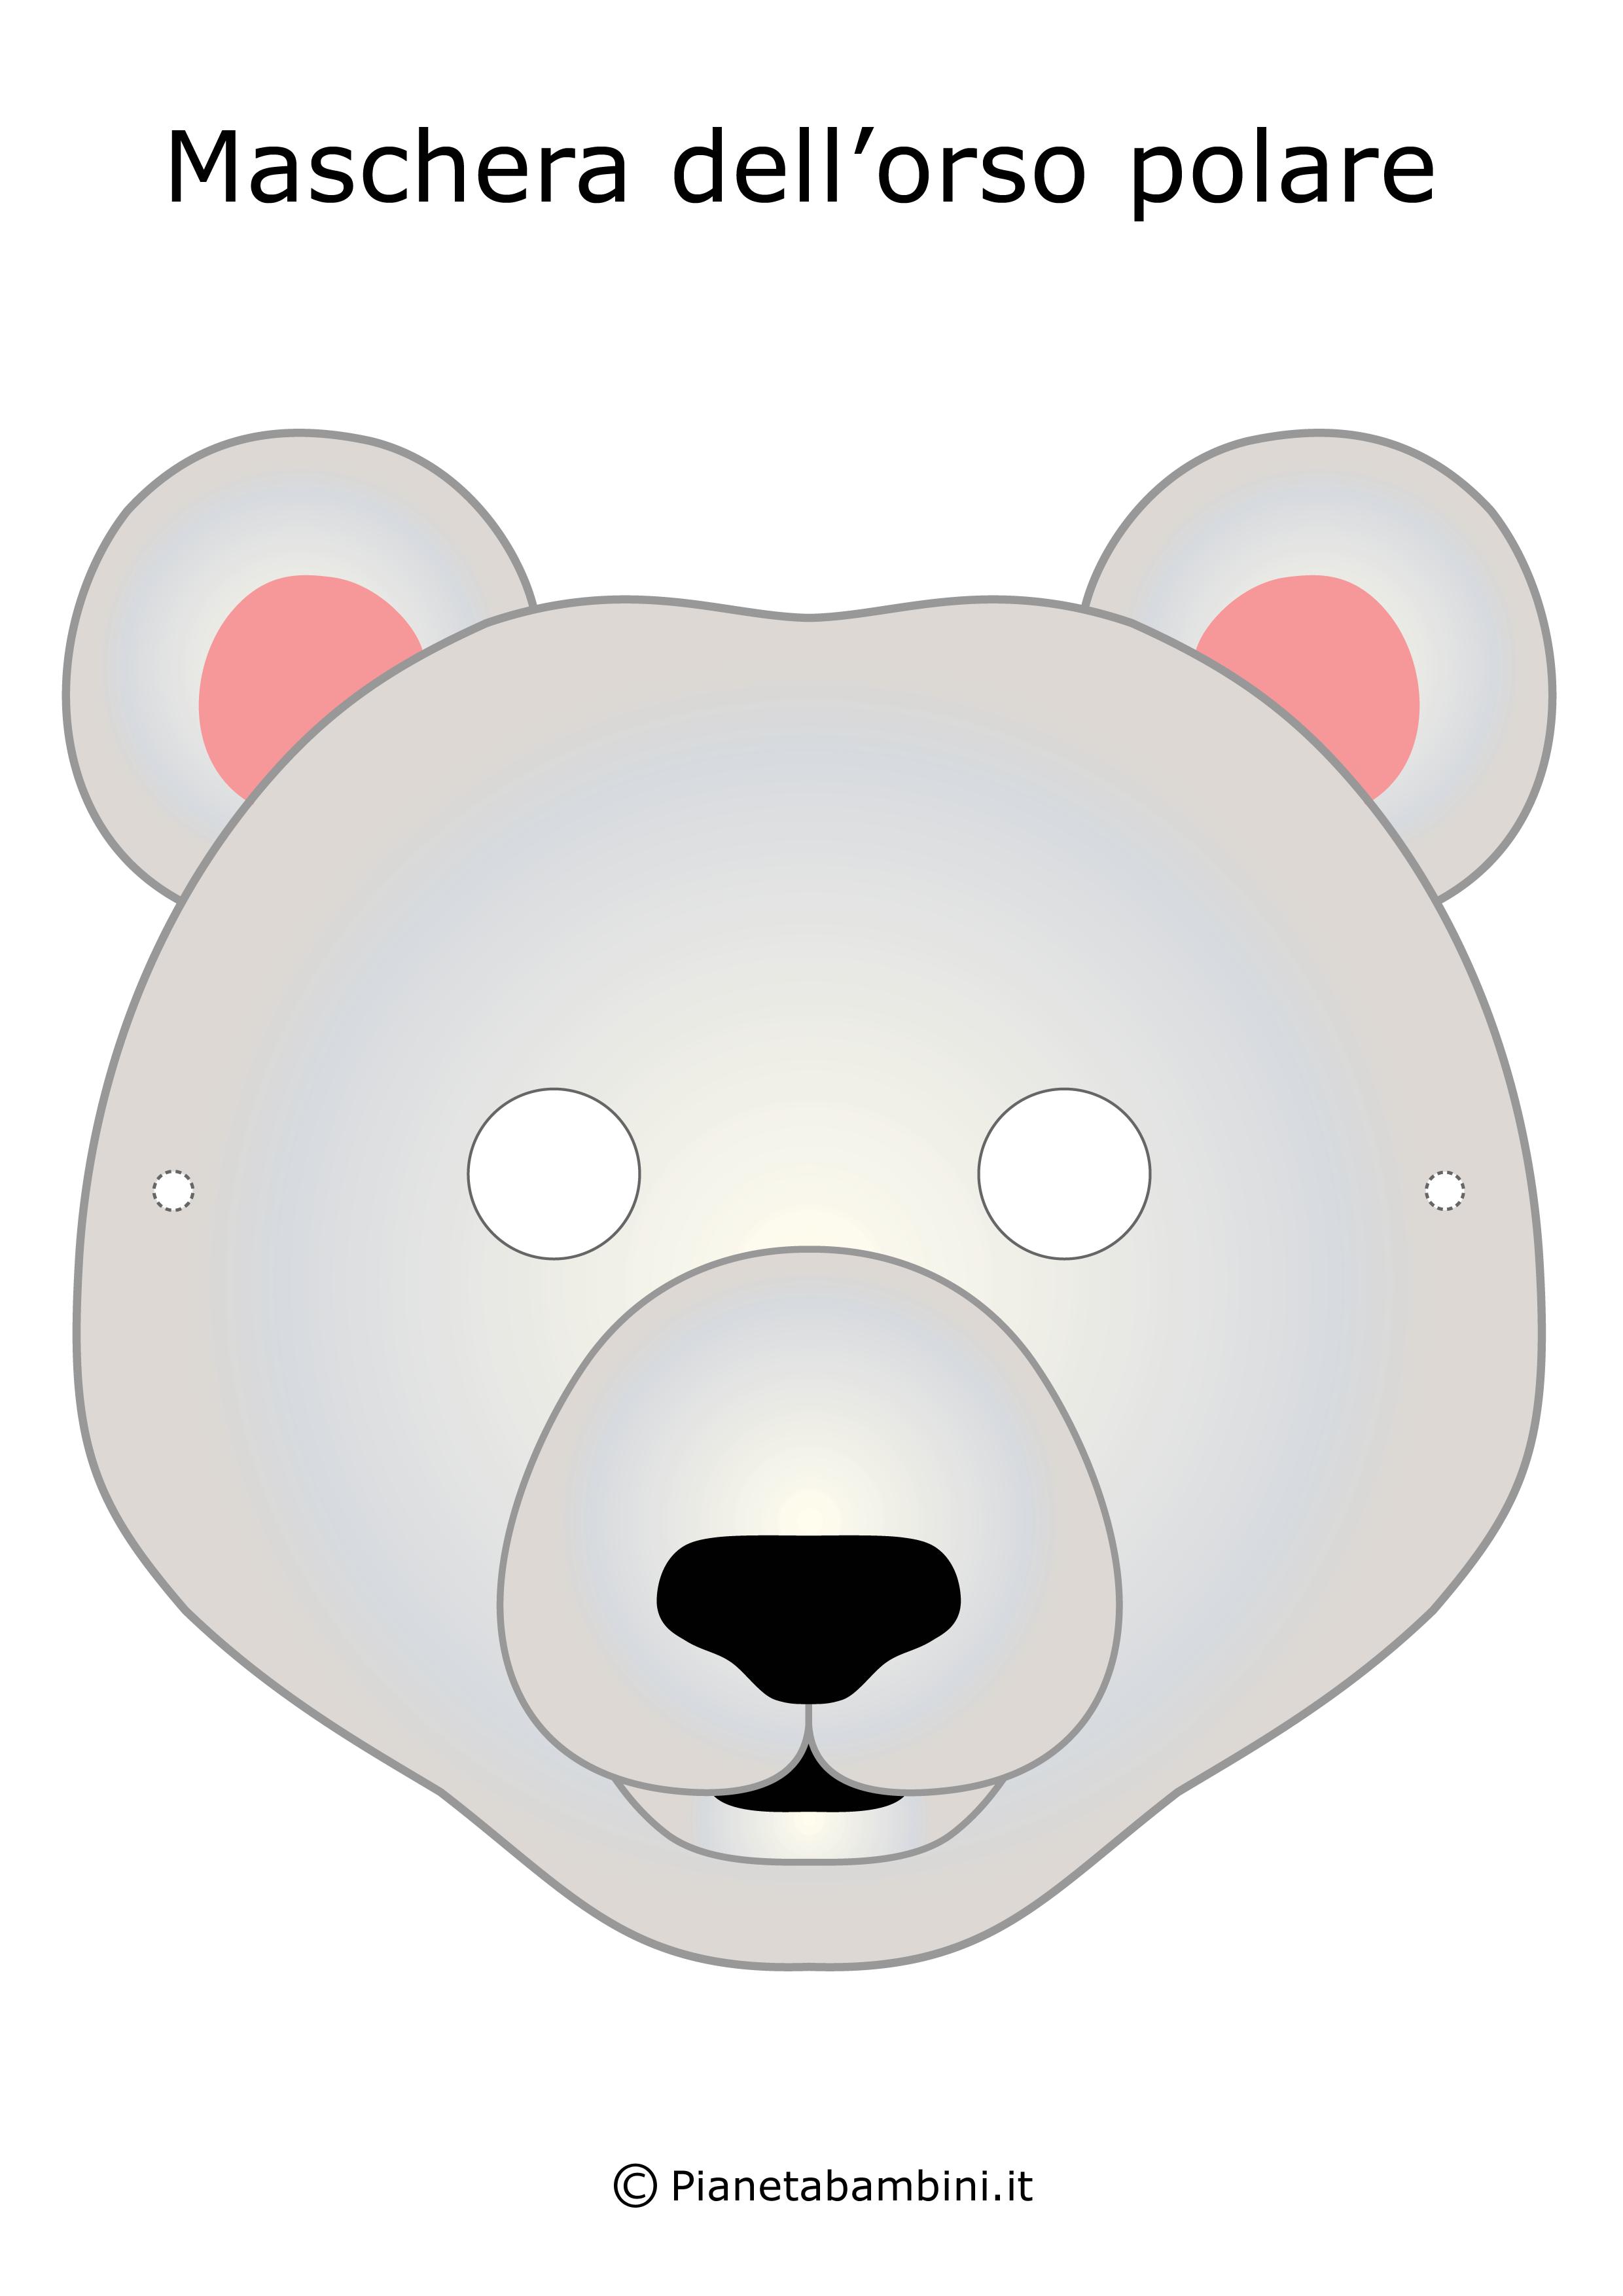 Immagine della maschera dell'orso polare